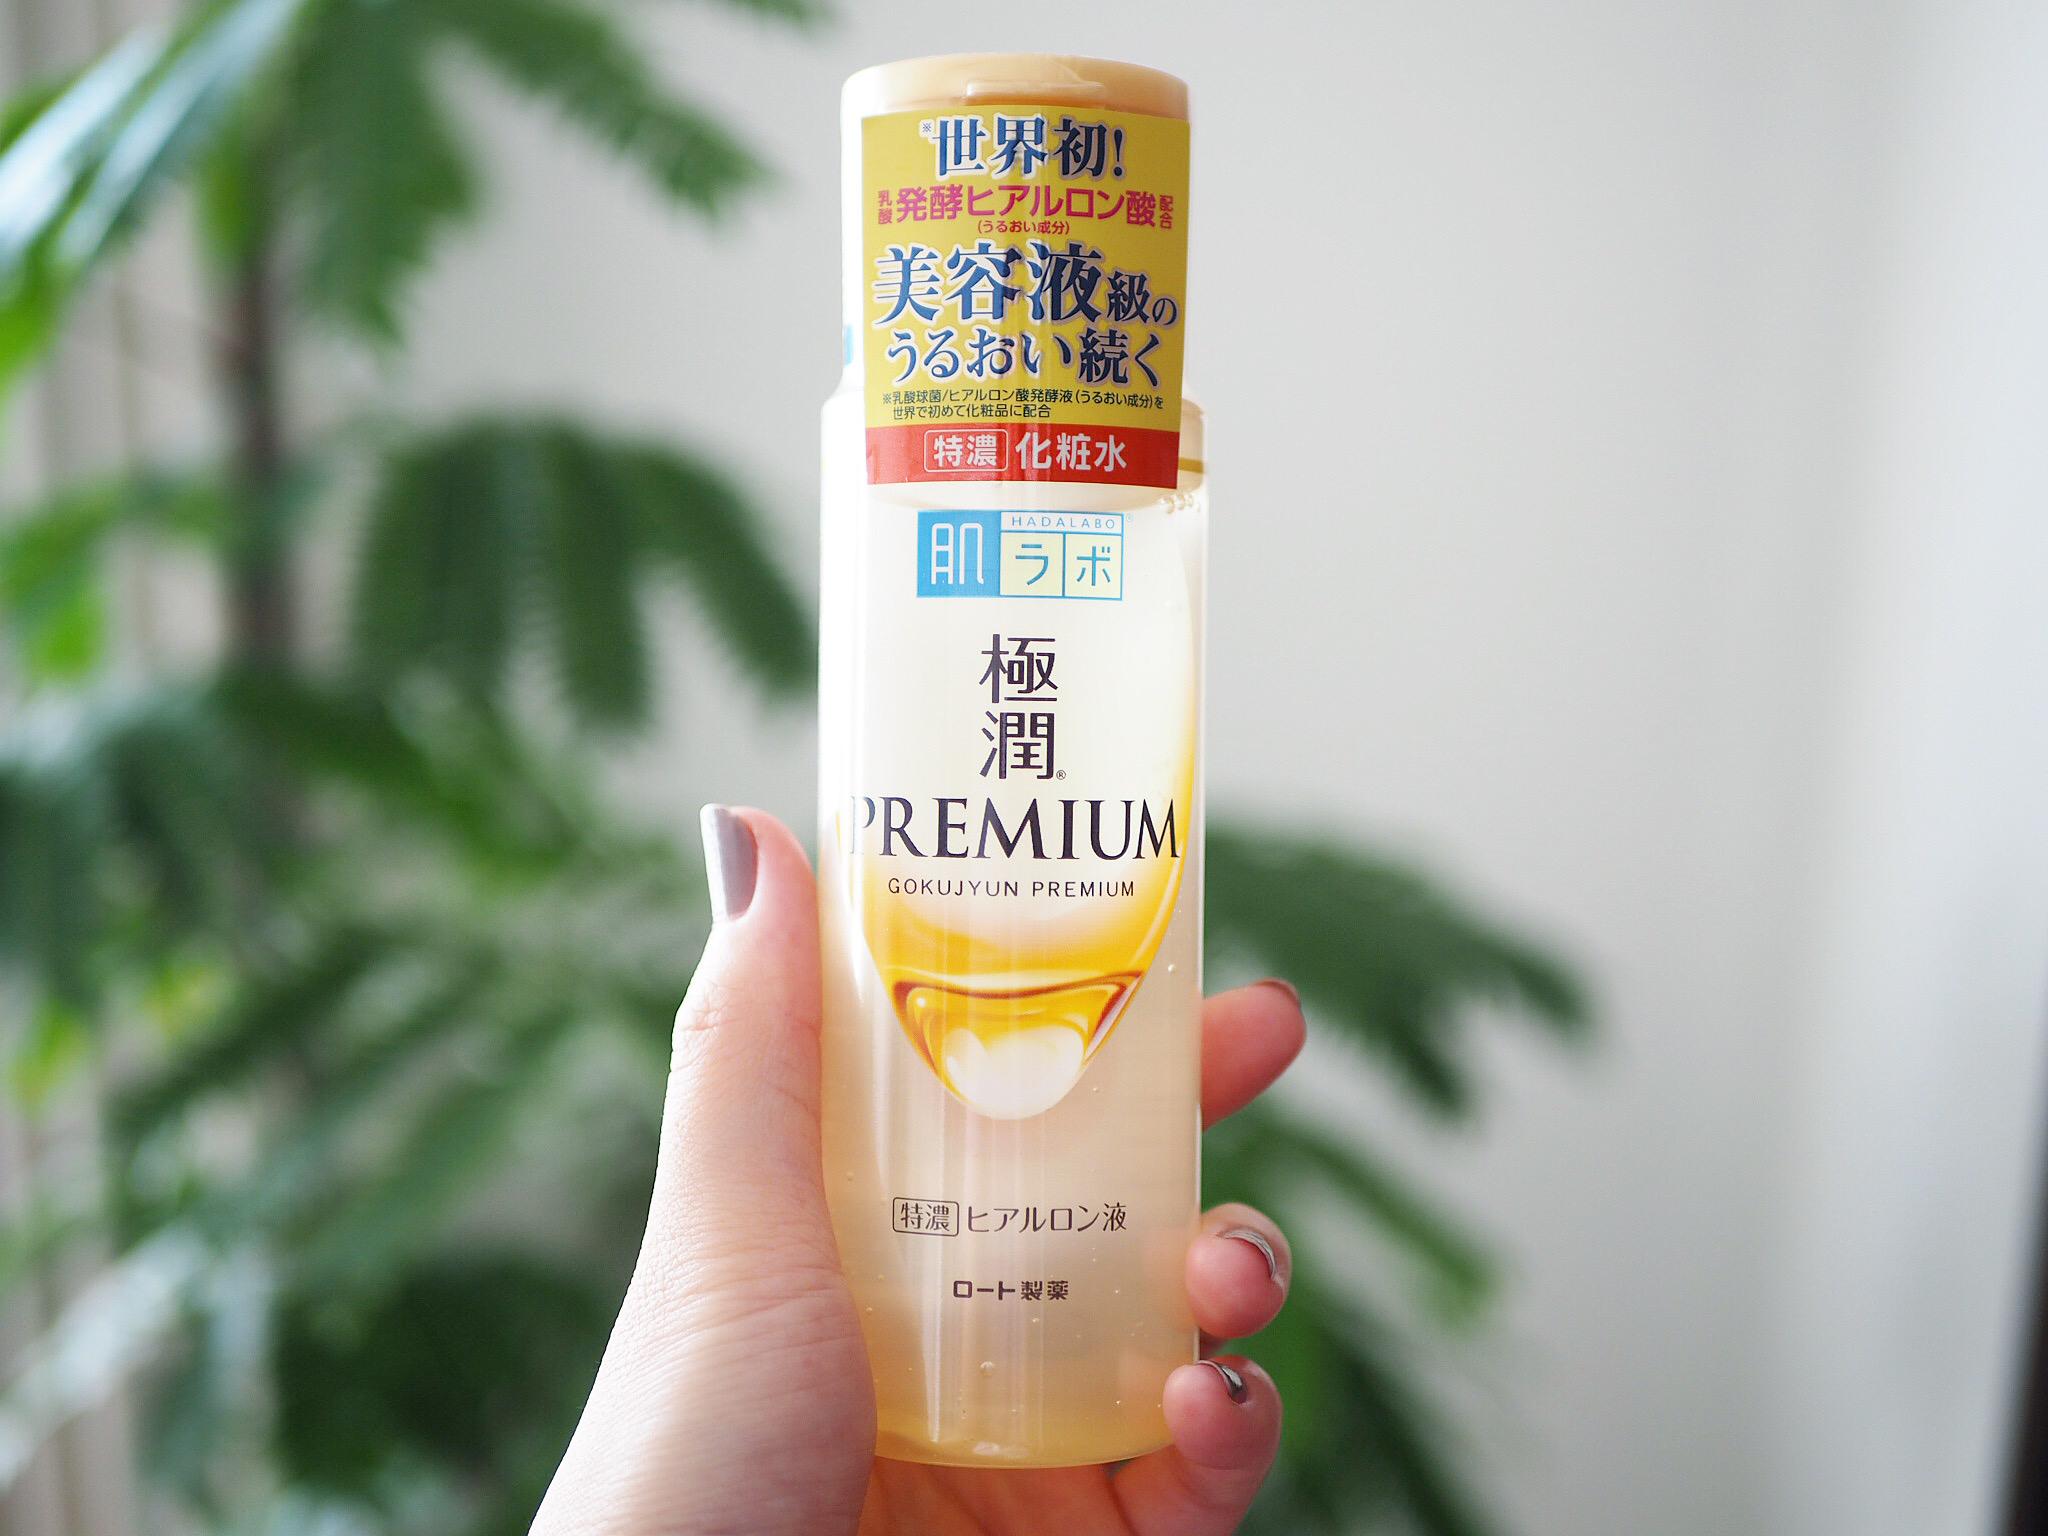 8/31(月)発売!【肌ラボ® 極潤プレミアム® ヒアルロン液】は、まるで美容液のような化粧水でした♡_1